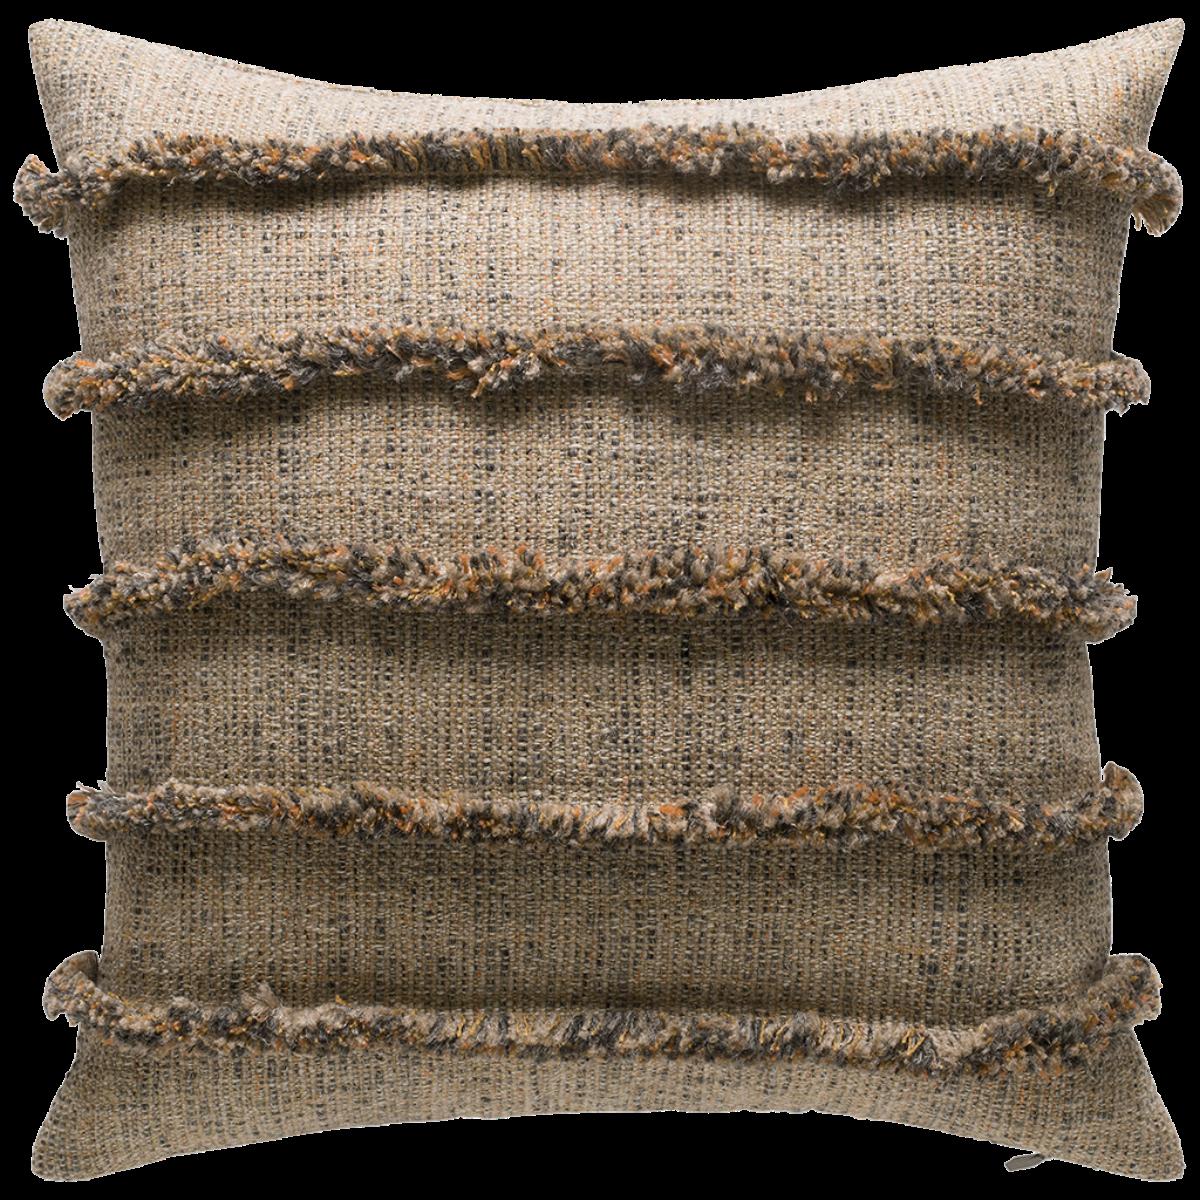 de Le Cuona | Rogue Cushion With Fringe Detail Burnt Rock